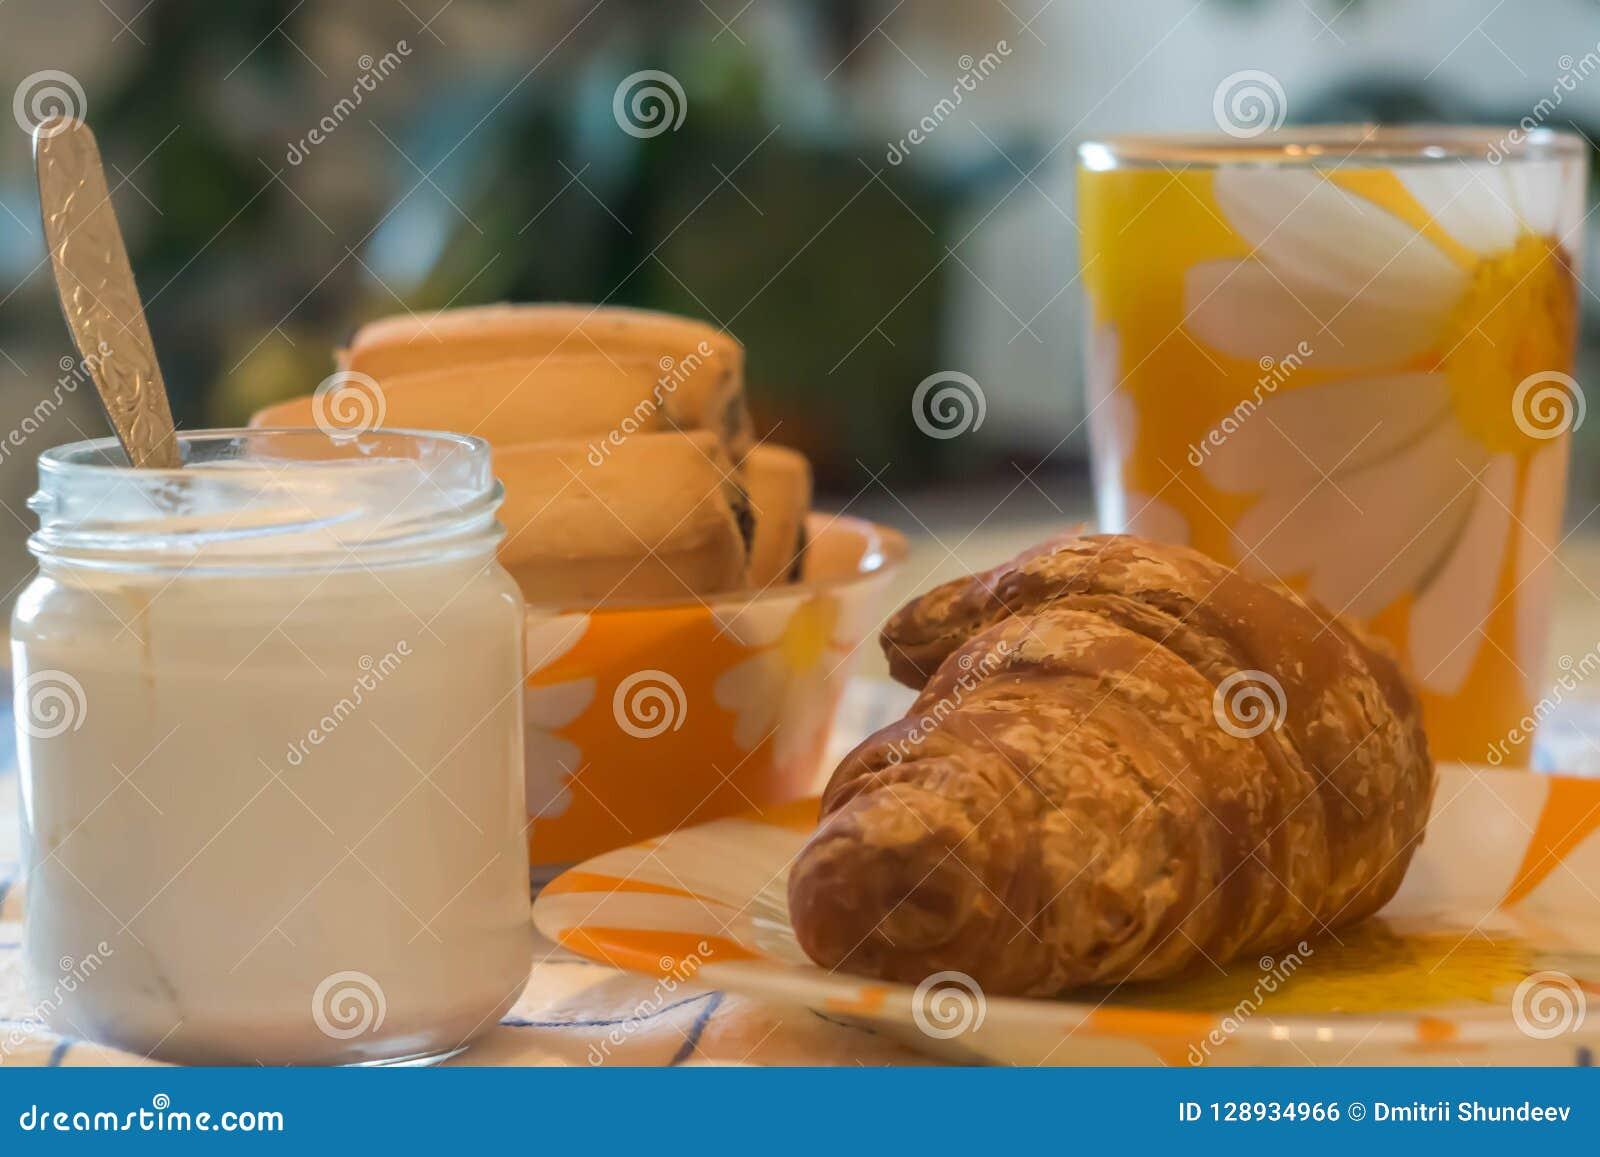 Todavía taza de la vida de té, yogur, molletes, galletas